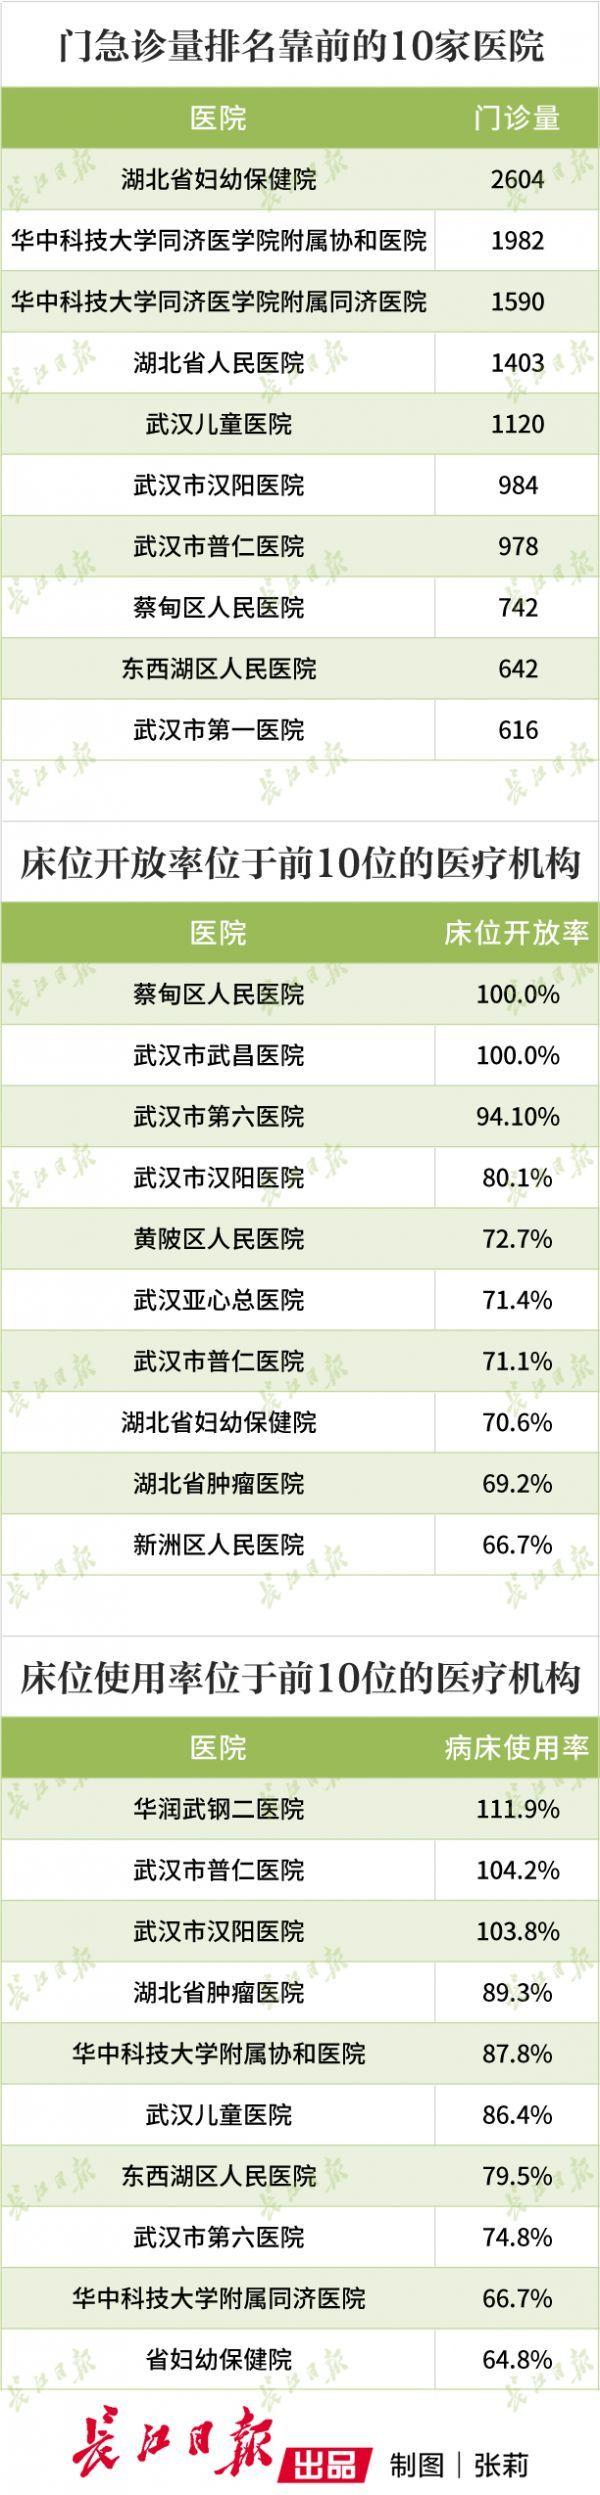 武漢60家醫院(yuan)開放接診非(fei)新冠患者